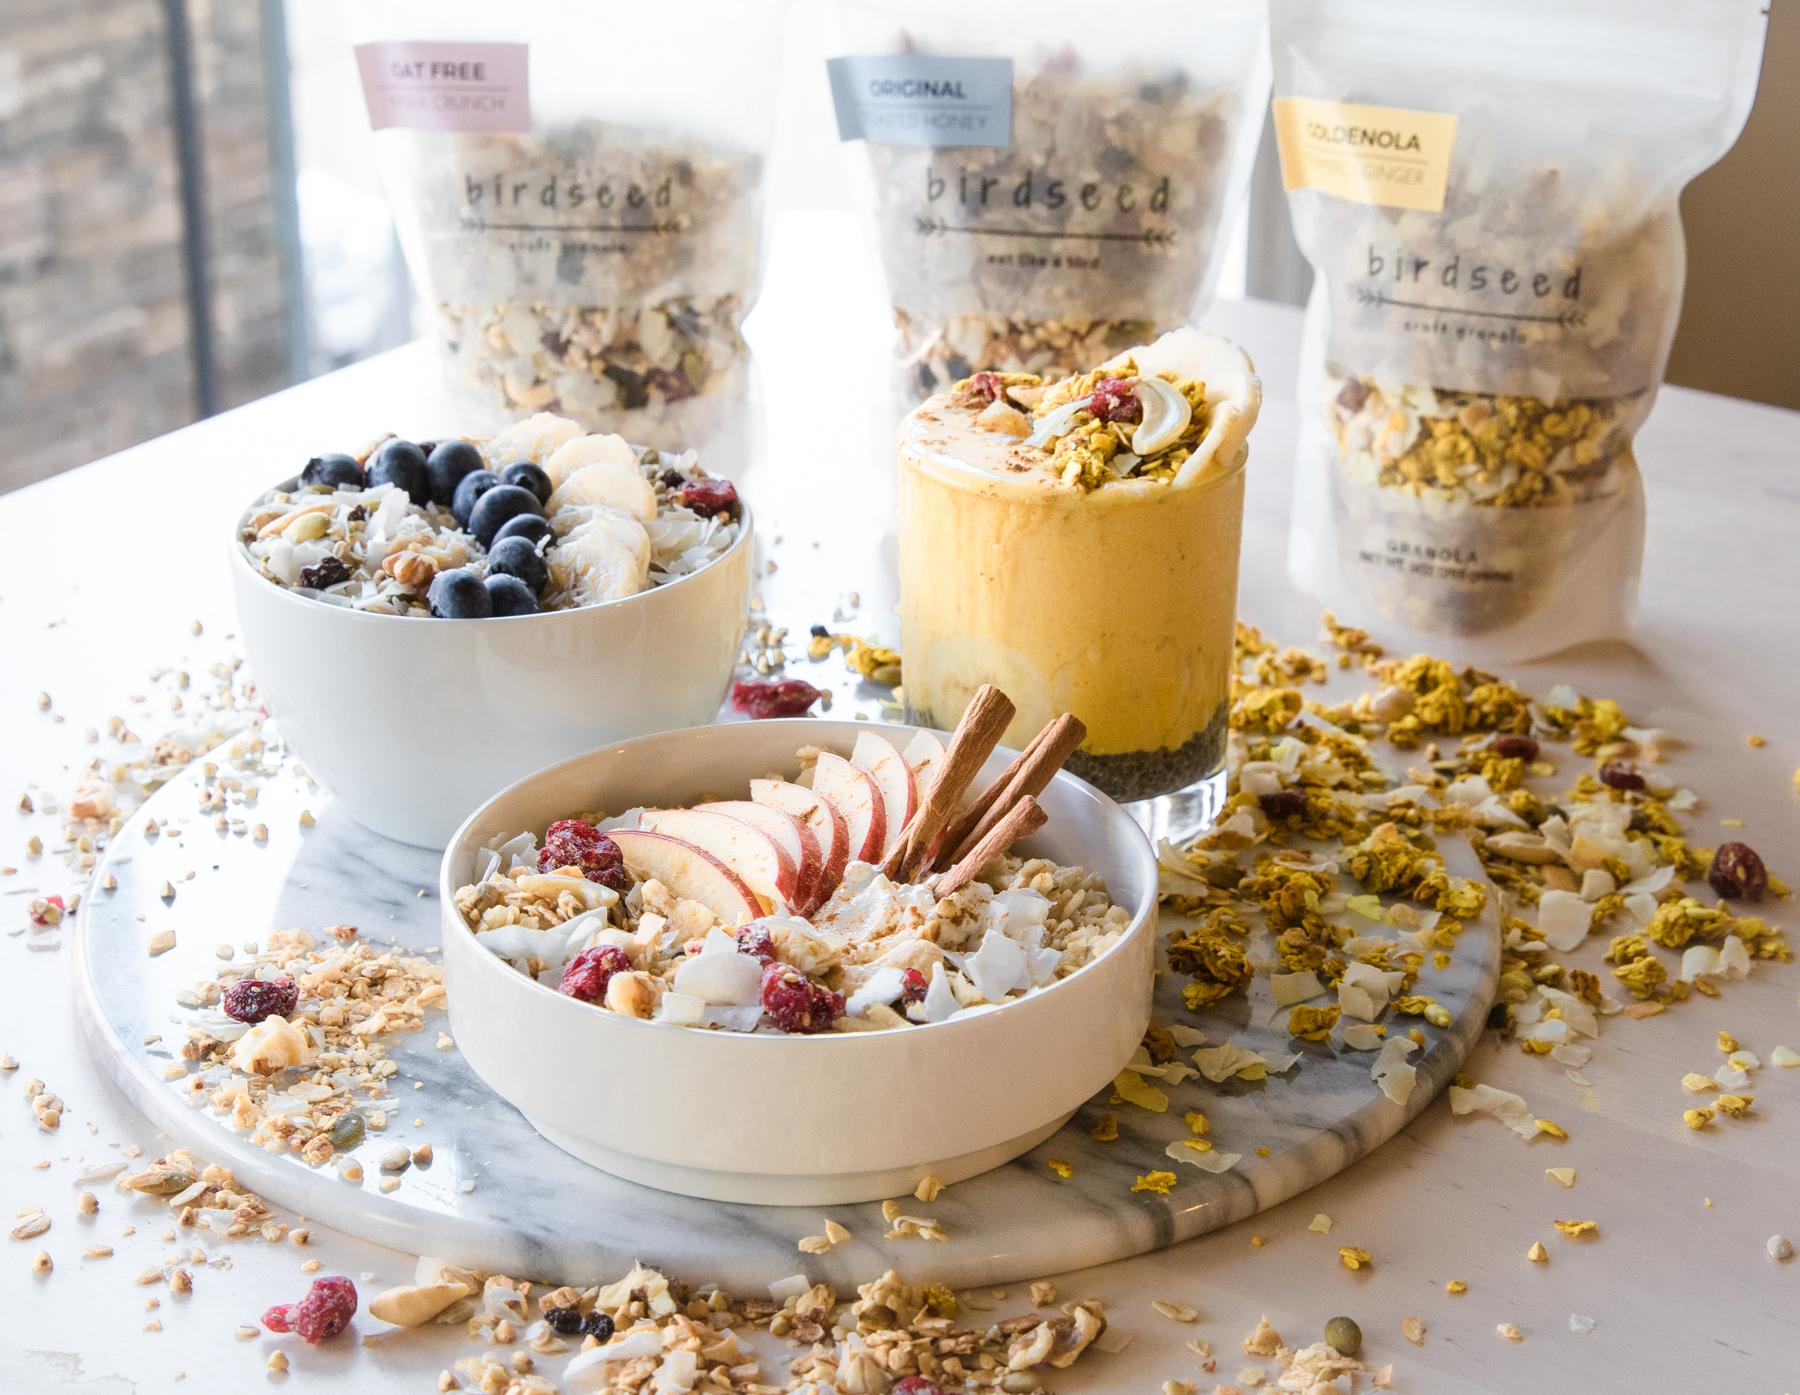 Birdseed Food Co_-31.jpg